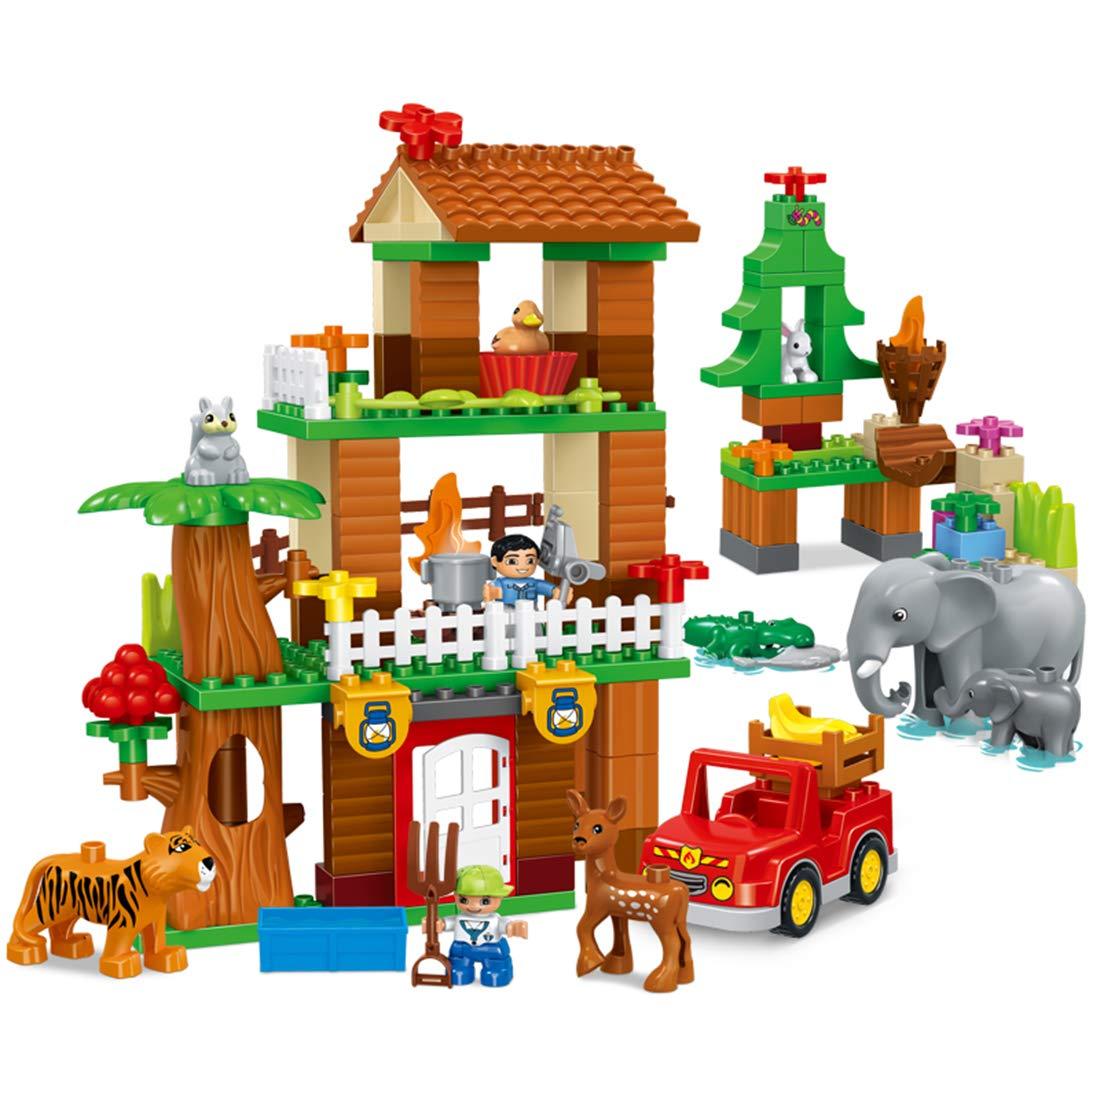 POWER DIY Gebäude Modell Bausteine Bausteine Bausteine Thema Dschungel Abenteuer Szene Lernspielzeug - Kinderspielzeug (138PCS) 6f354f